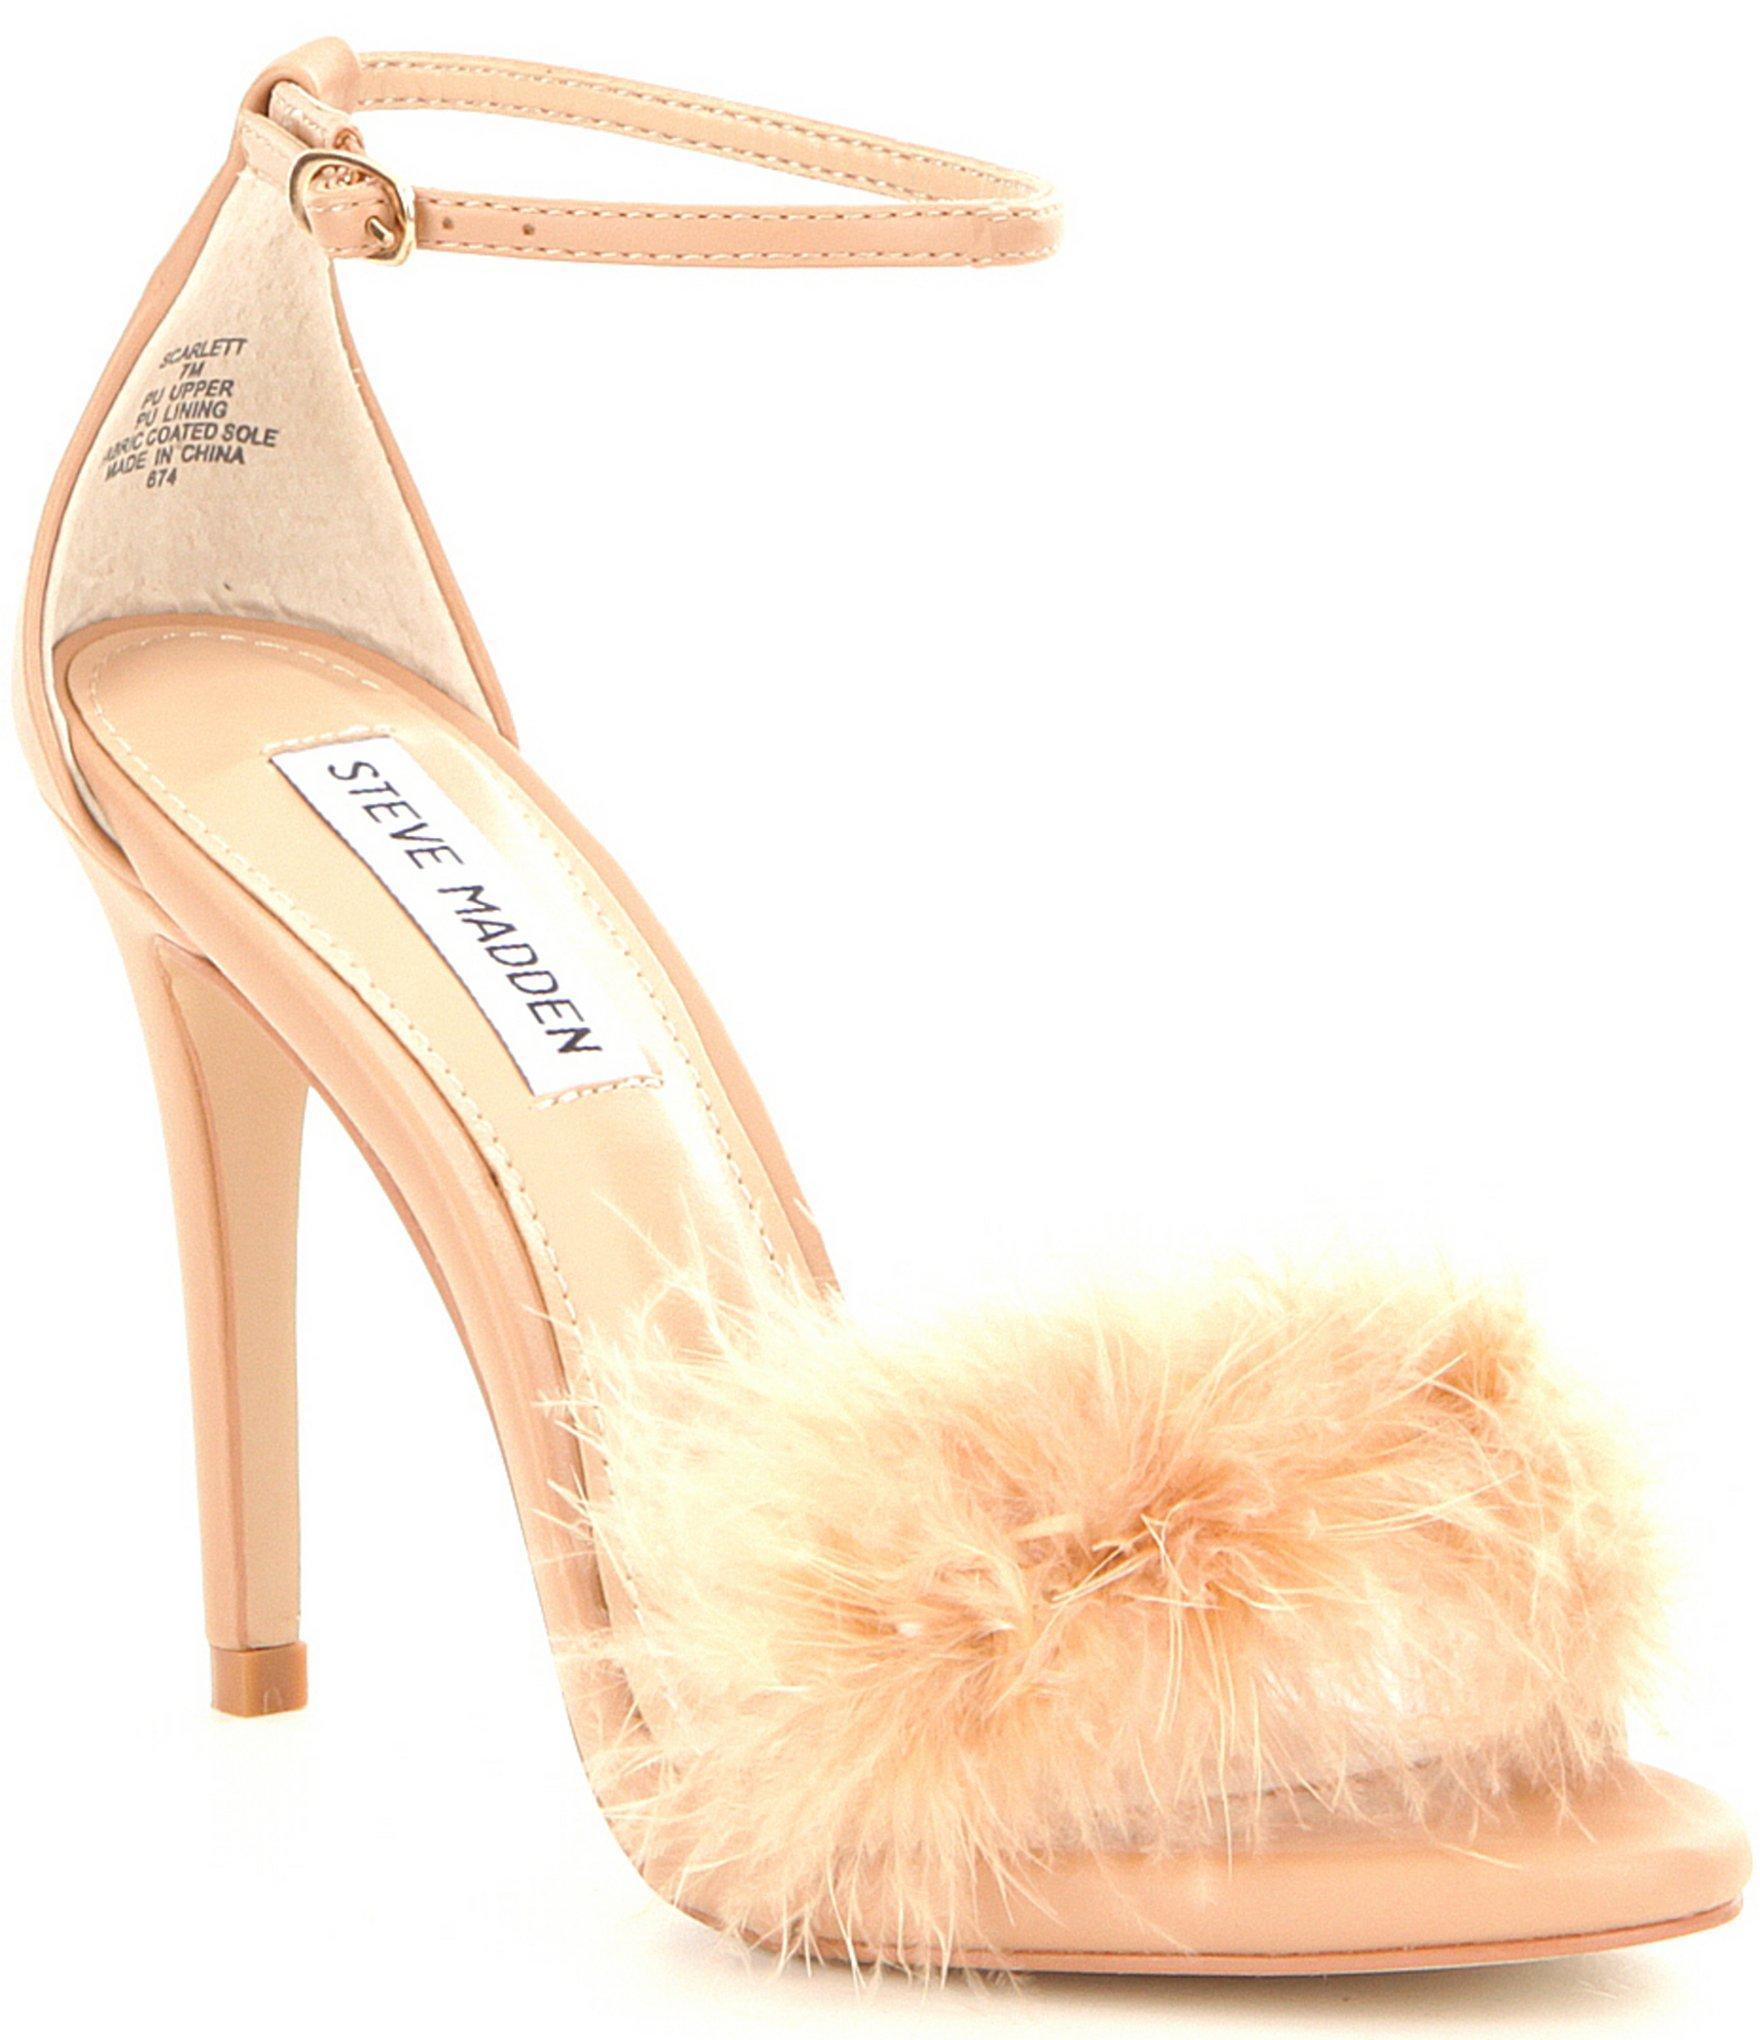 bde1331a2d5 Steve Madden Scarlett Dress Sandals in Natural - Lyst